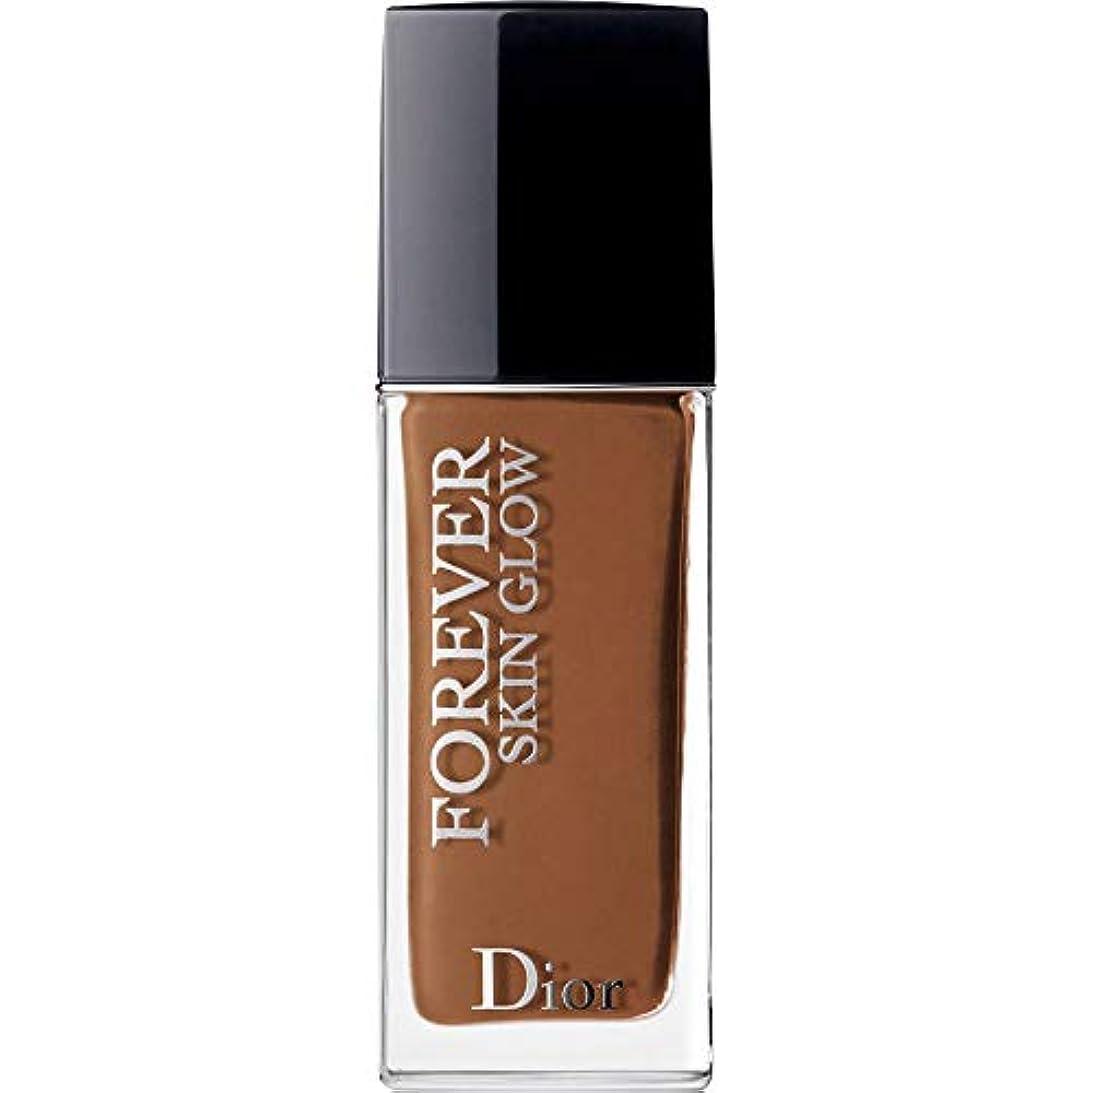 いつも和らげる鳴り響く[Dior ] ディオール永遠に皮膚グロー皮膚思いやりの基礎Spf35 30ミリリットルの8N - ニュートラル(肌の輝き) - DIOR Forever Skin Glow Skin-Caring Foundation...